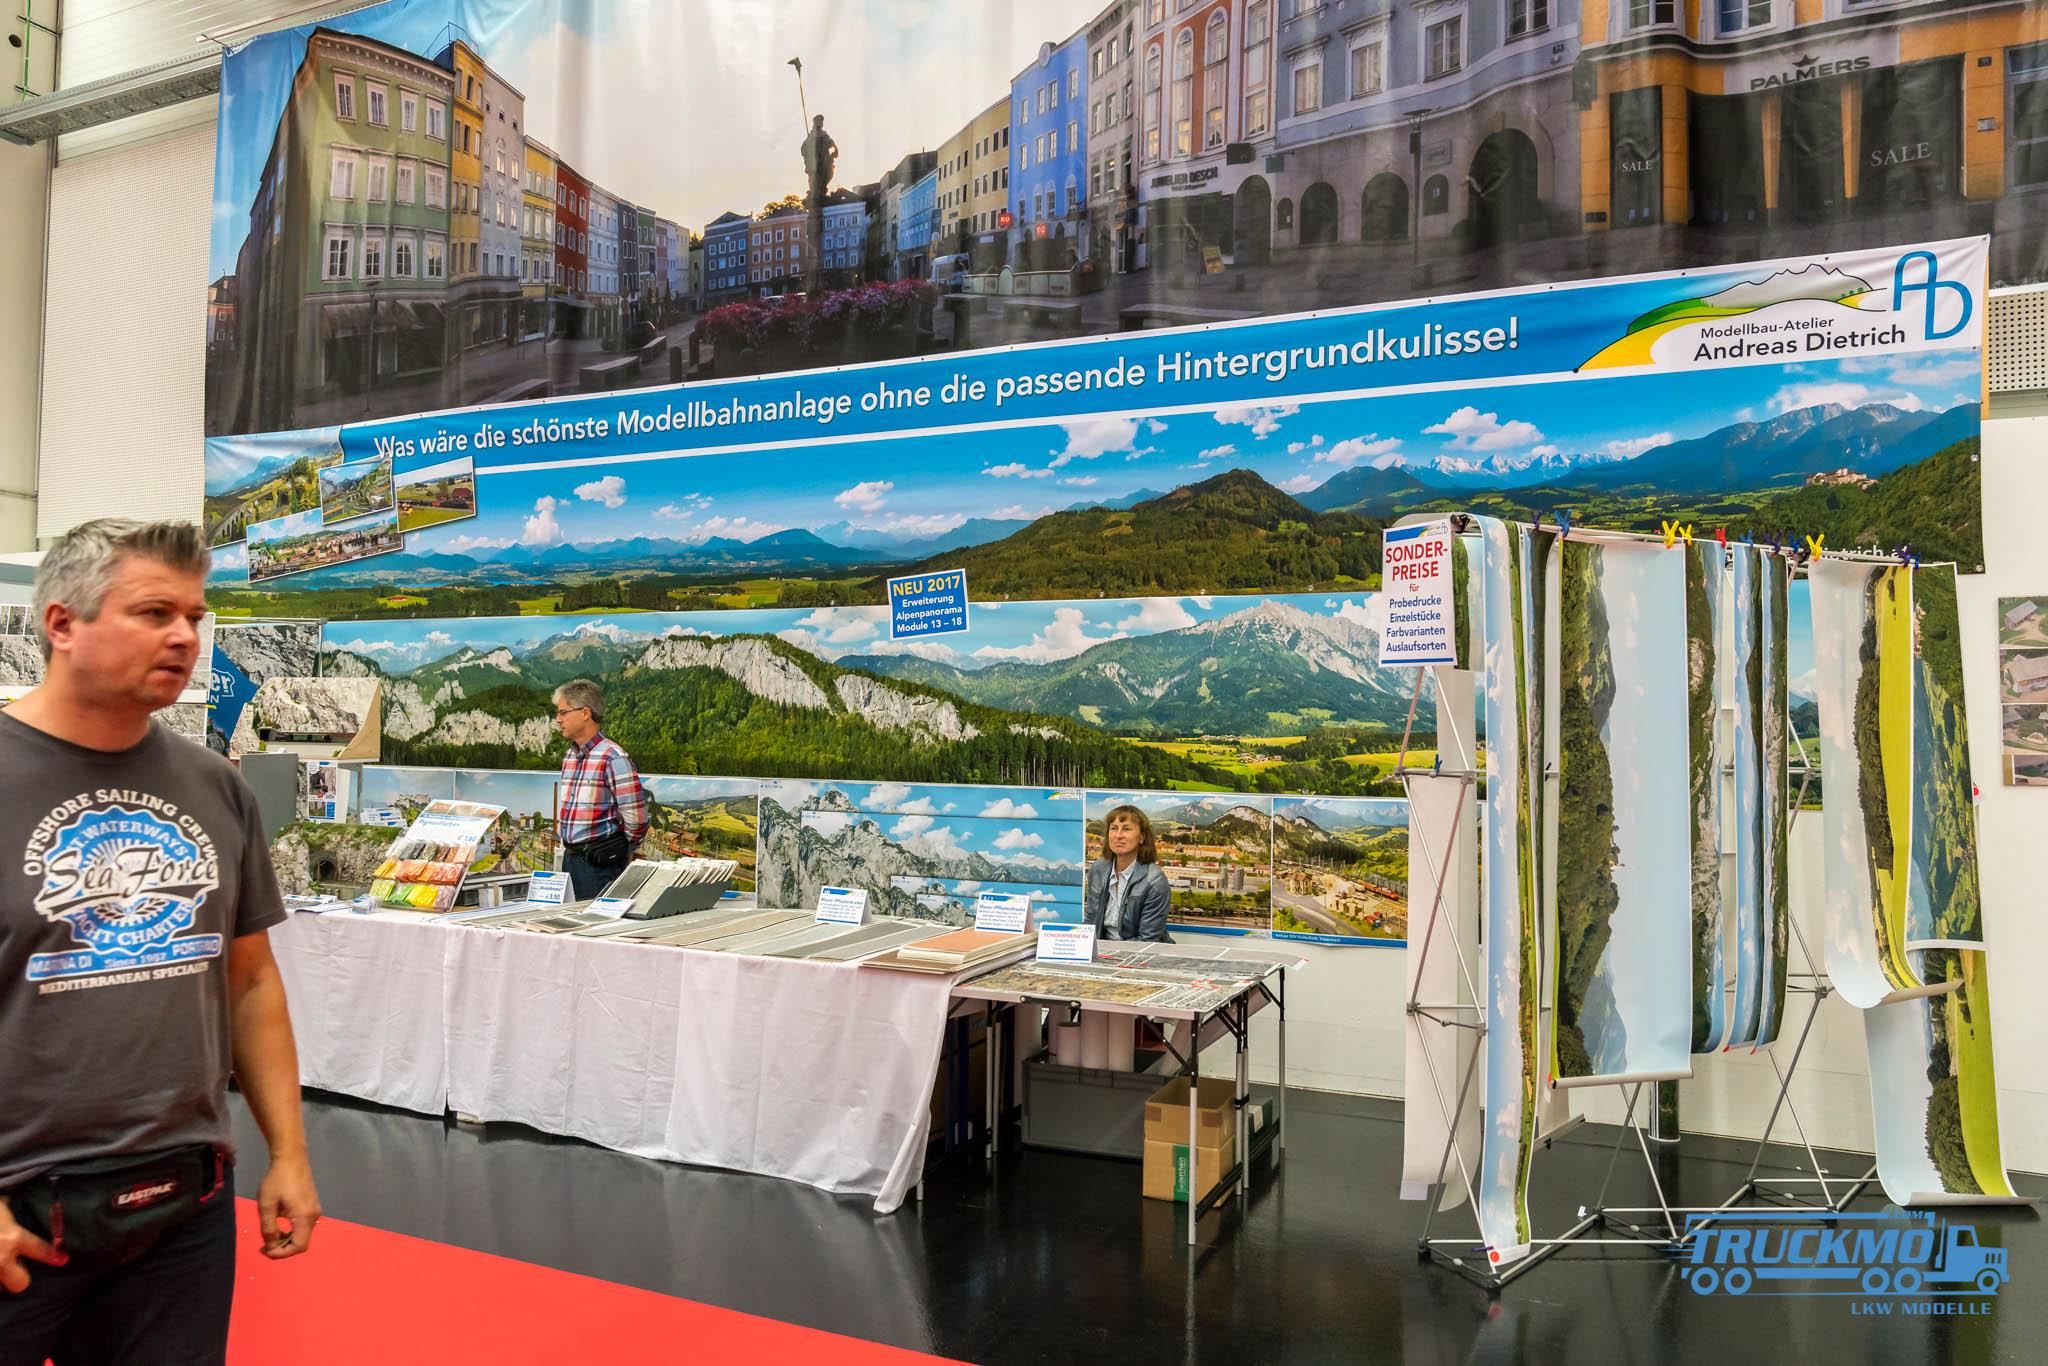 Truckmo_Modellbau_Ried_2017_Herpa_Messe_Modellbauausstellung (32 von 1177)